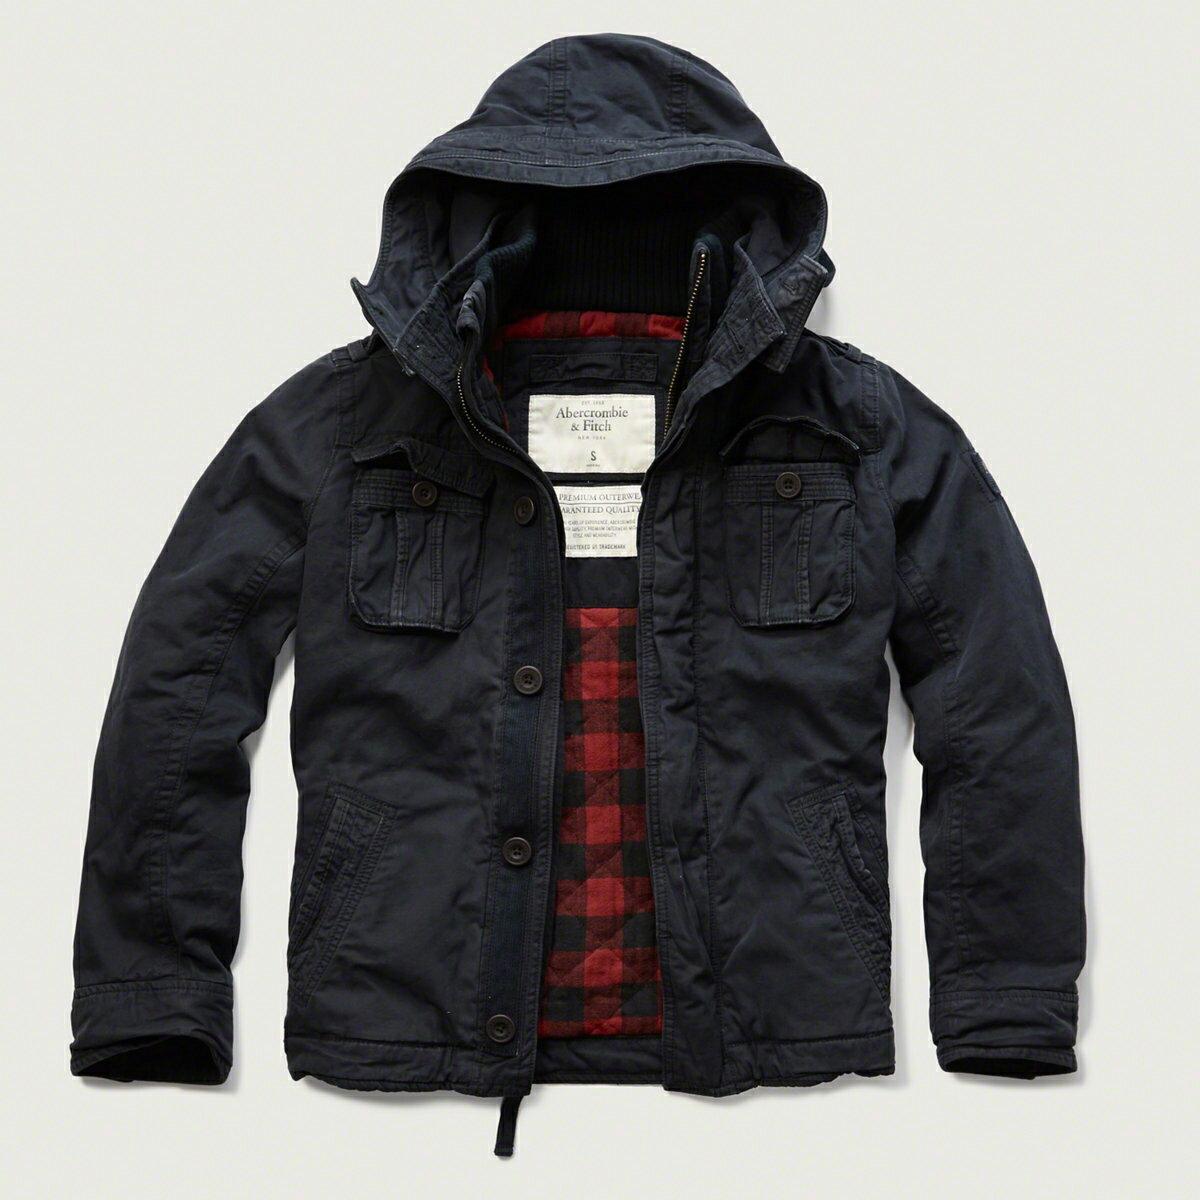 美國百分百【全新真品】Abercrombie & Fitch 外套 AF 軍裝 連帽 夾克 麋鹿 鋪厚棉 深藍 S M號 G208